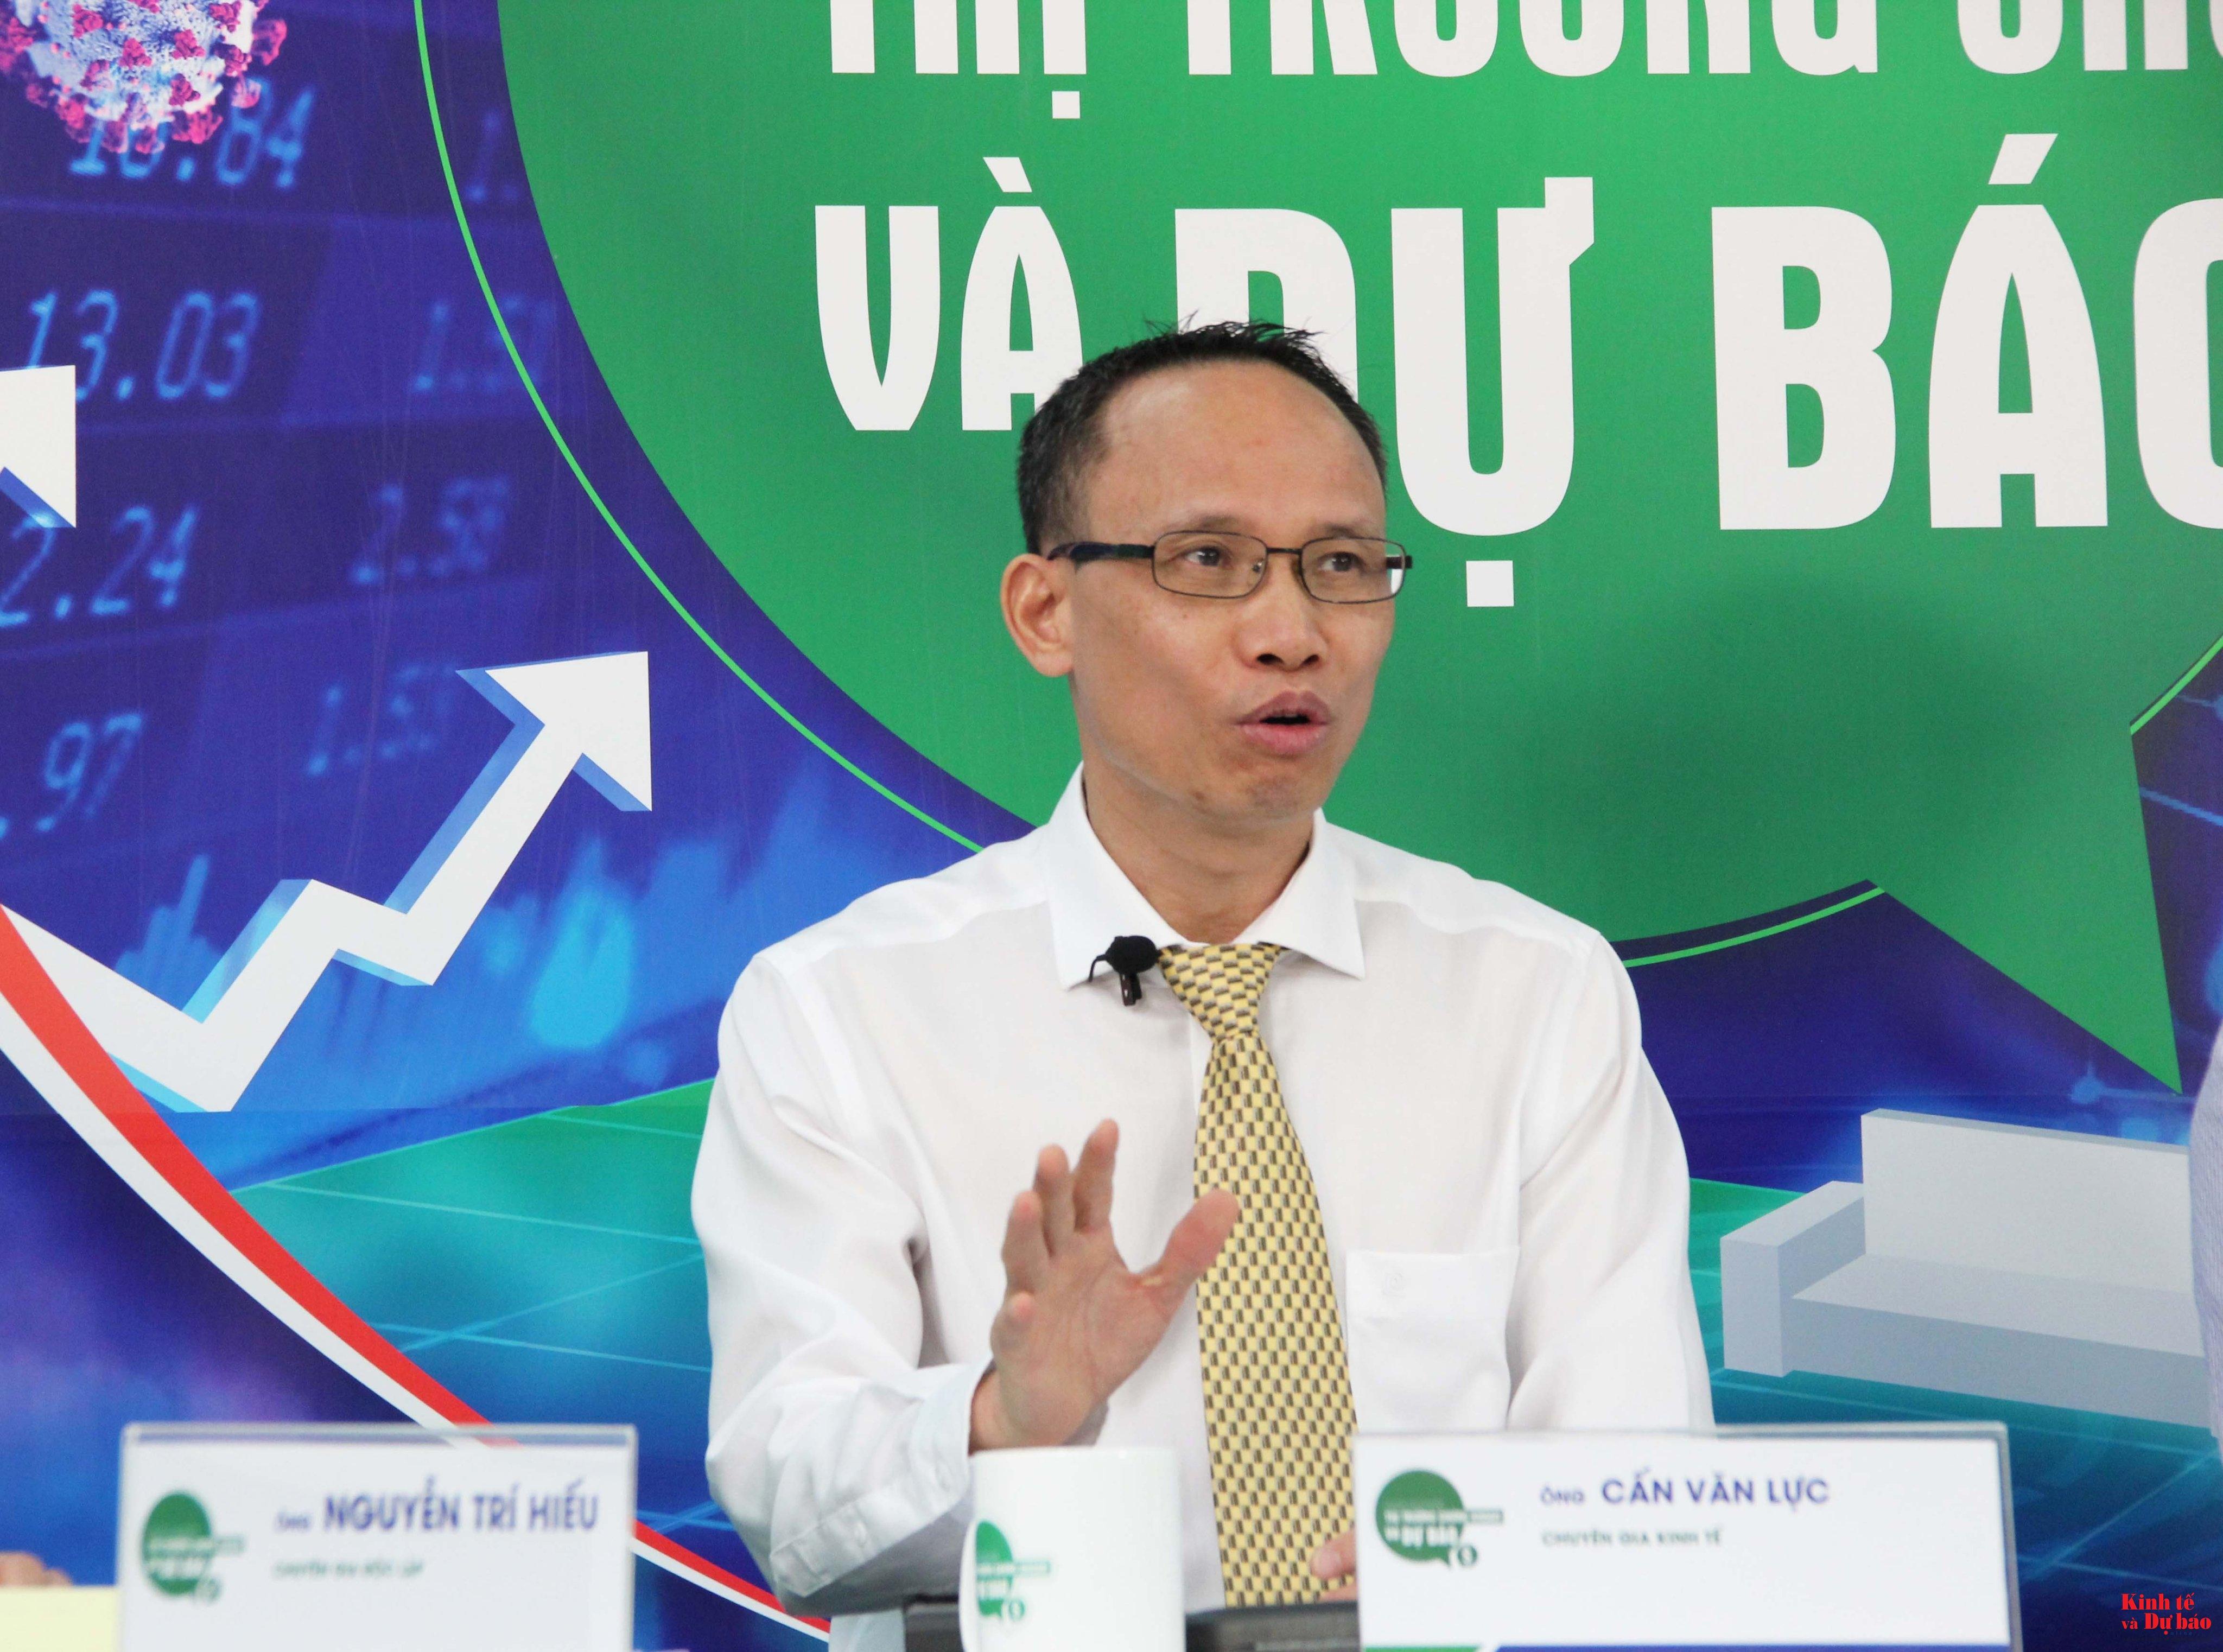 Tăng trưởng kinh tế sẽ tiếp sức tốt cho thị trường chứng khoán